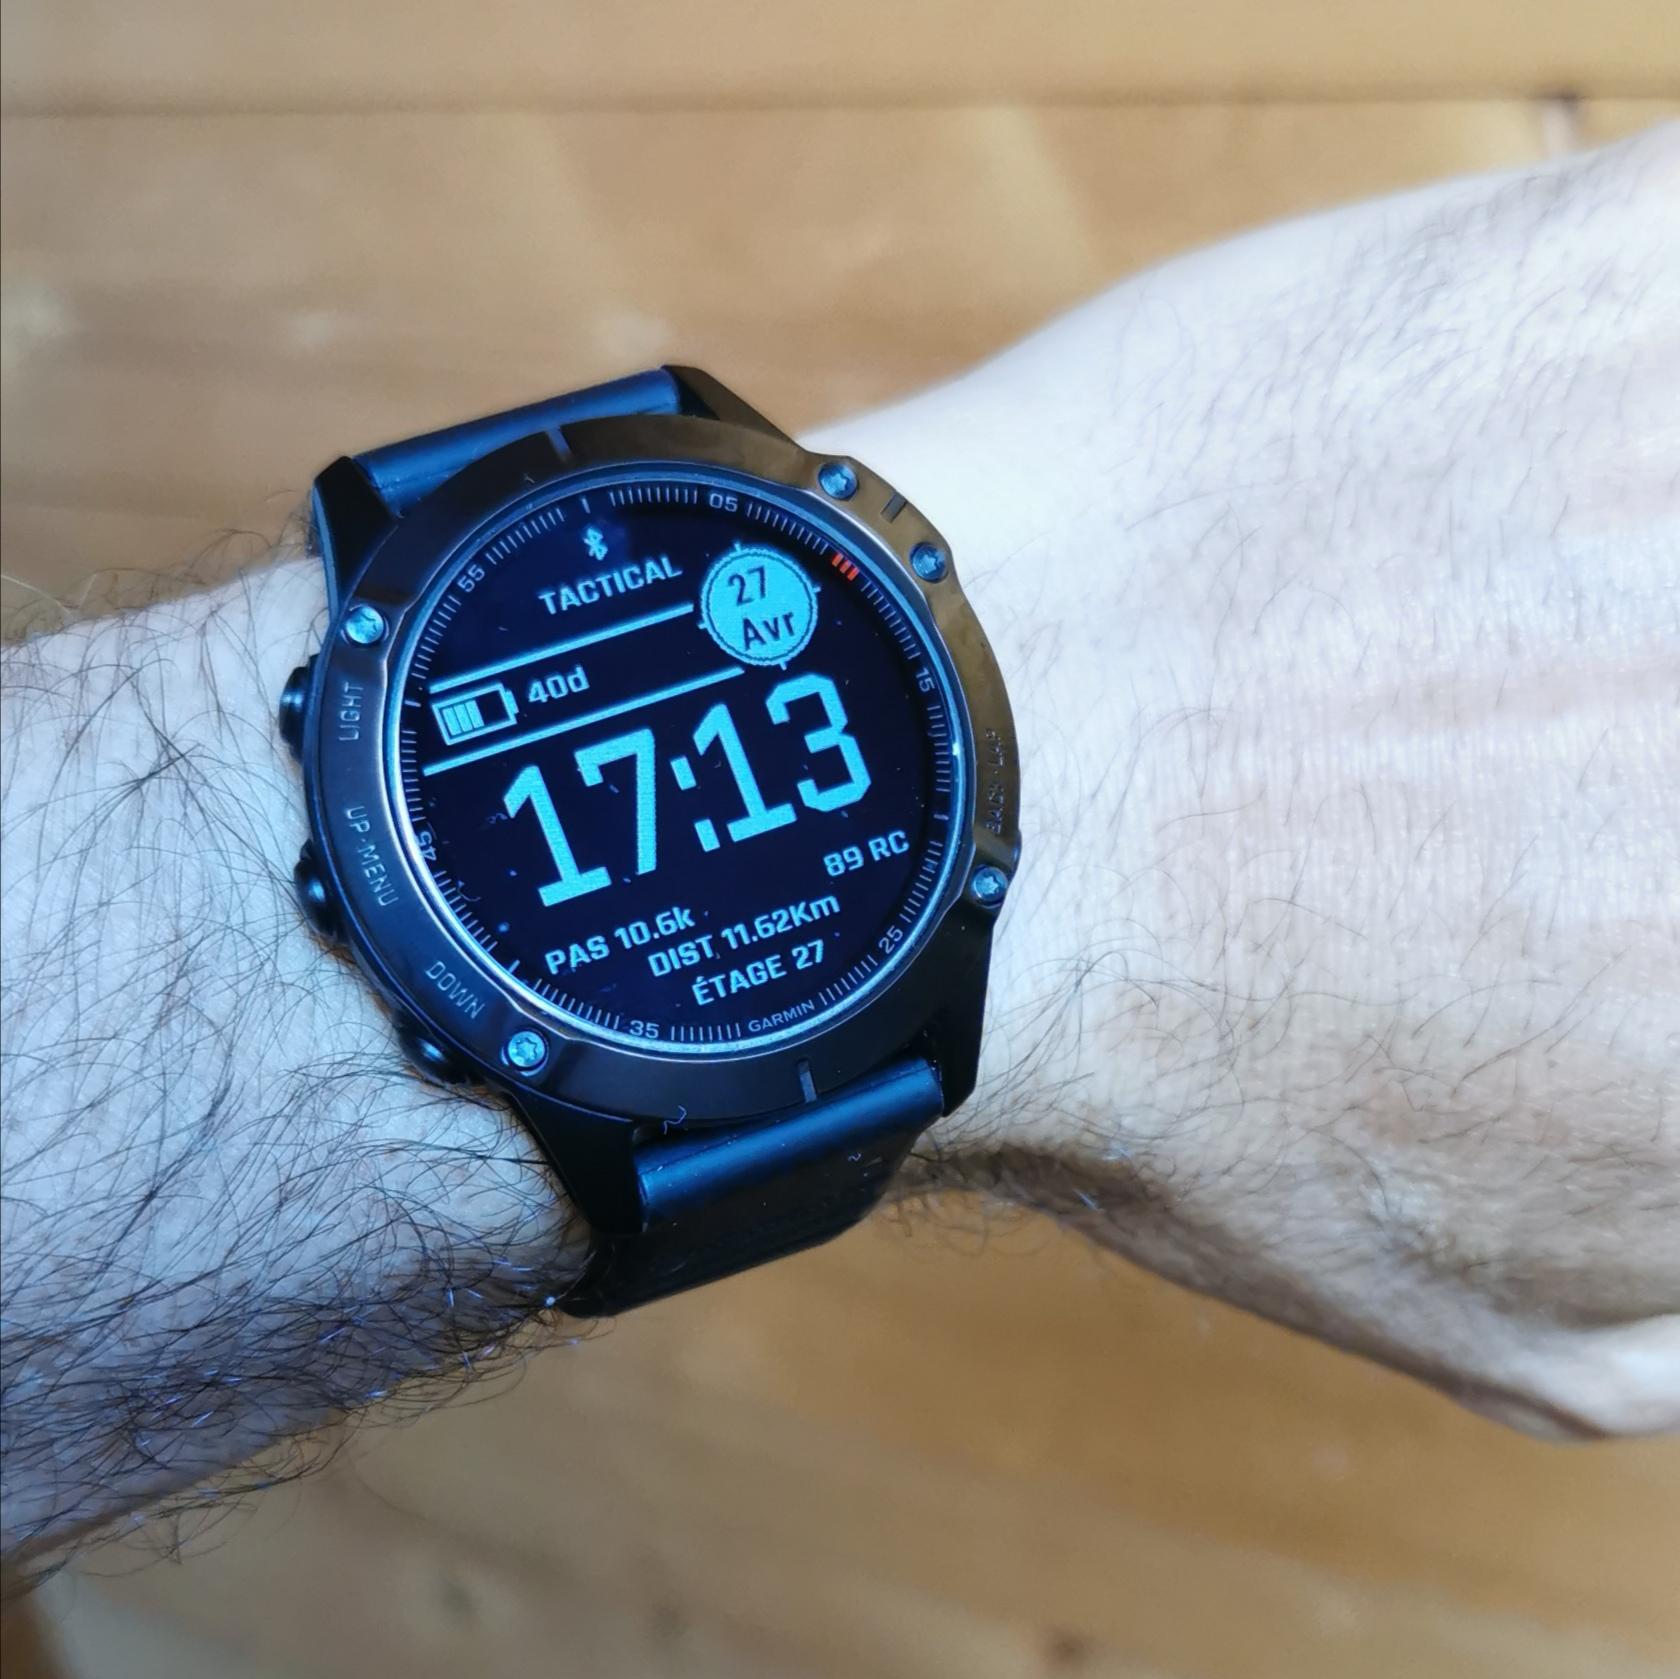 Quel intérêt portez-vous aux montres connectées ?   - Page 18 Img_2408